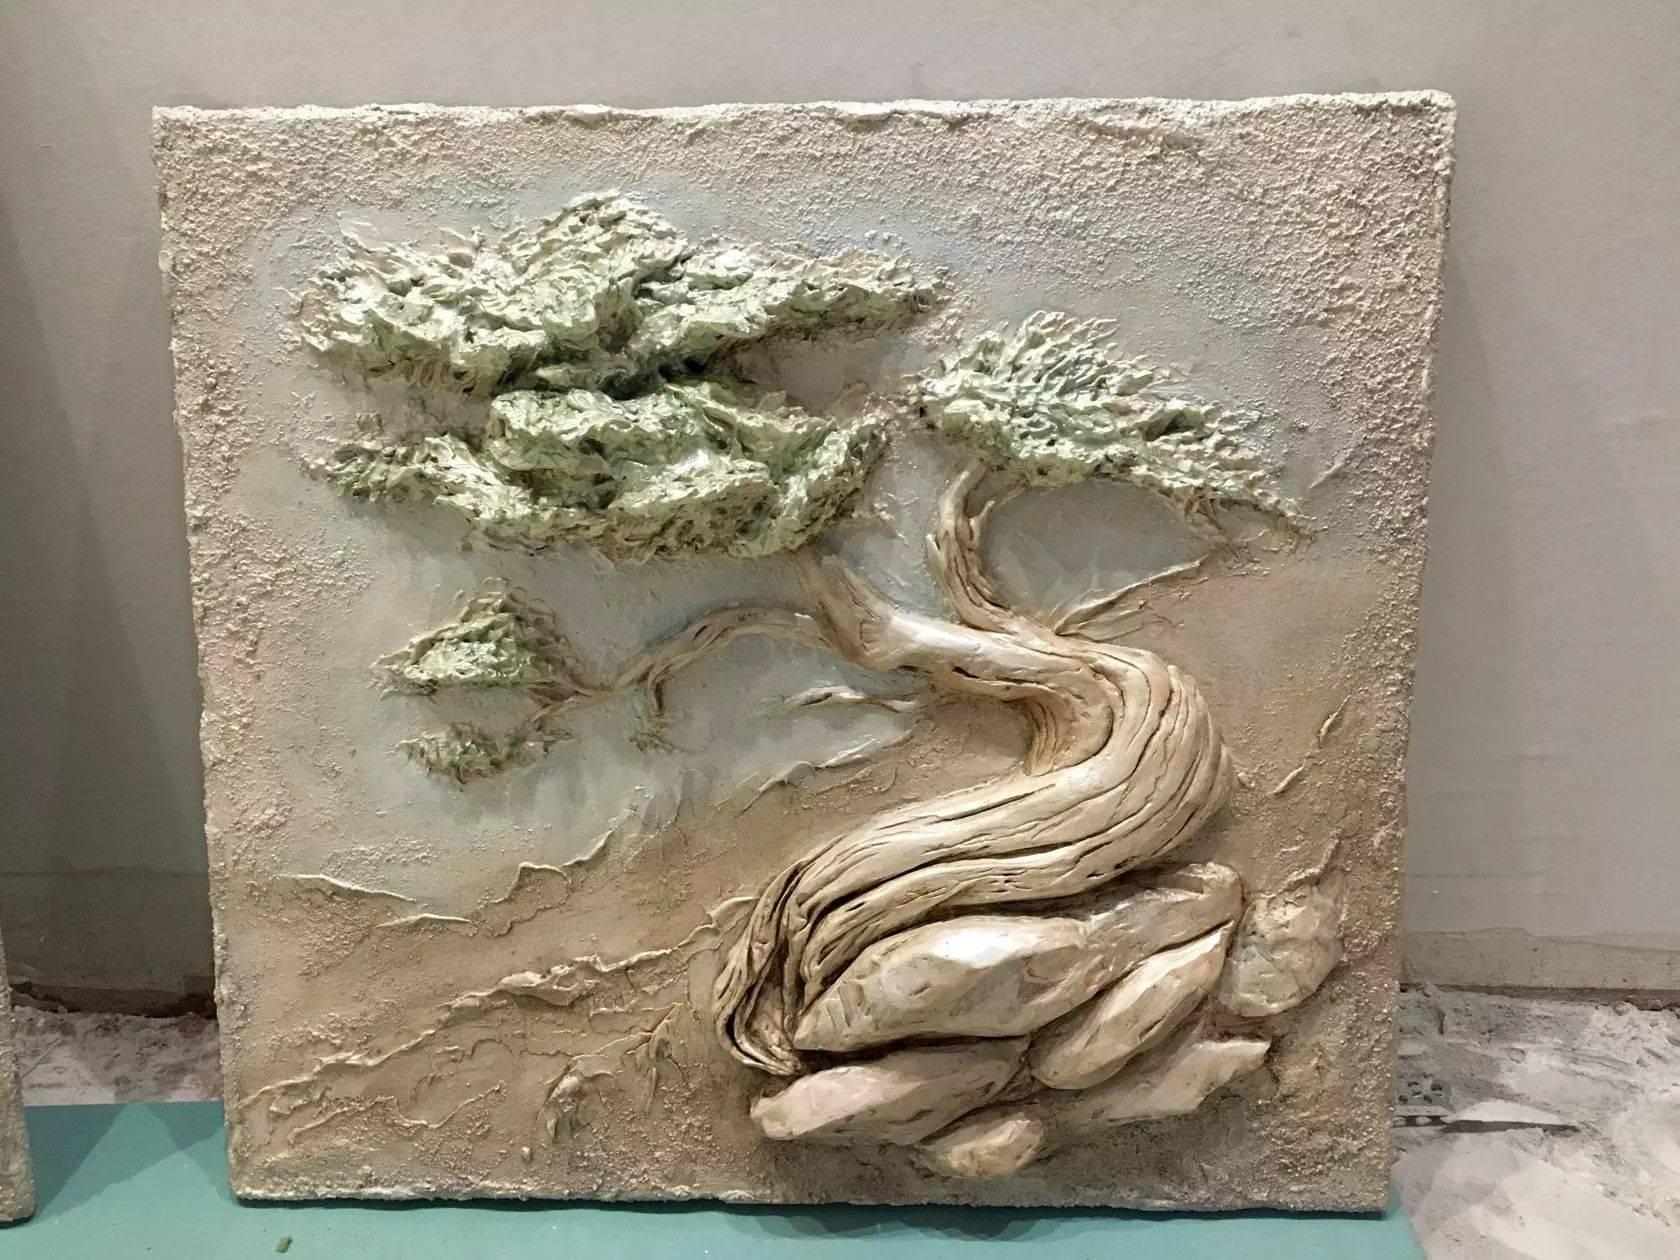 Барельеф на стену в интерьере своими руками - инструкция по созданию